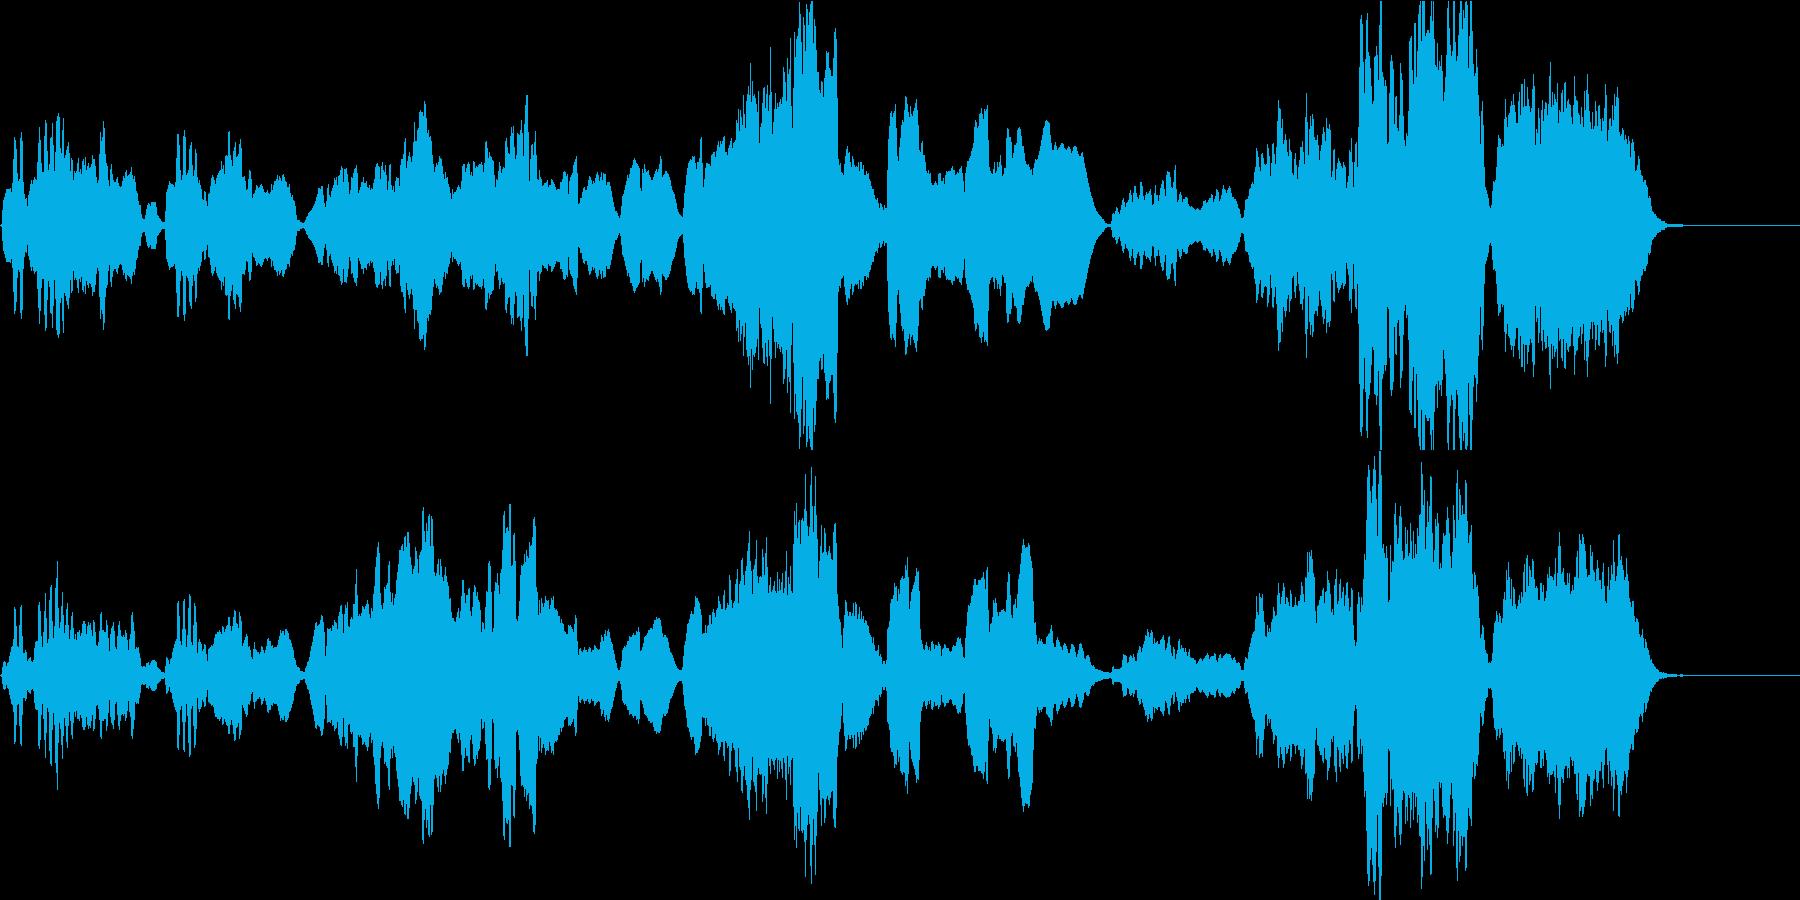 のどかでメルヘン、クラシカルな木管四重奏の再生済みの波形